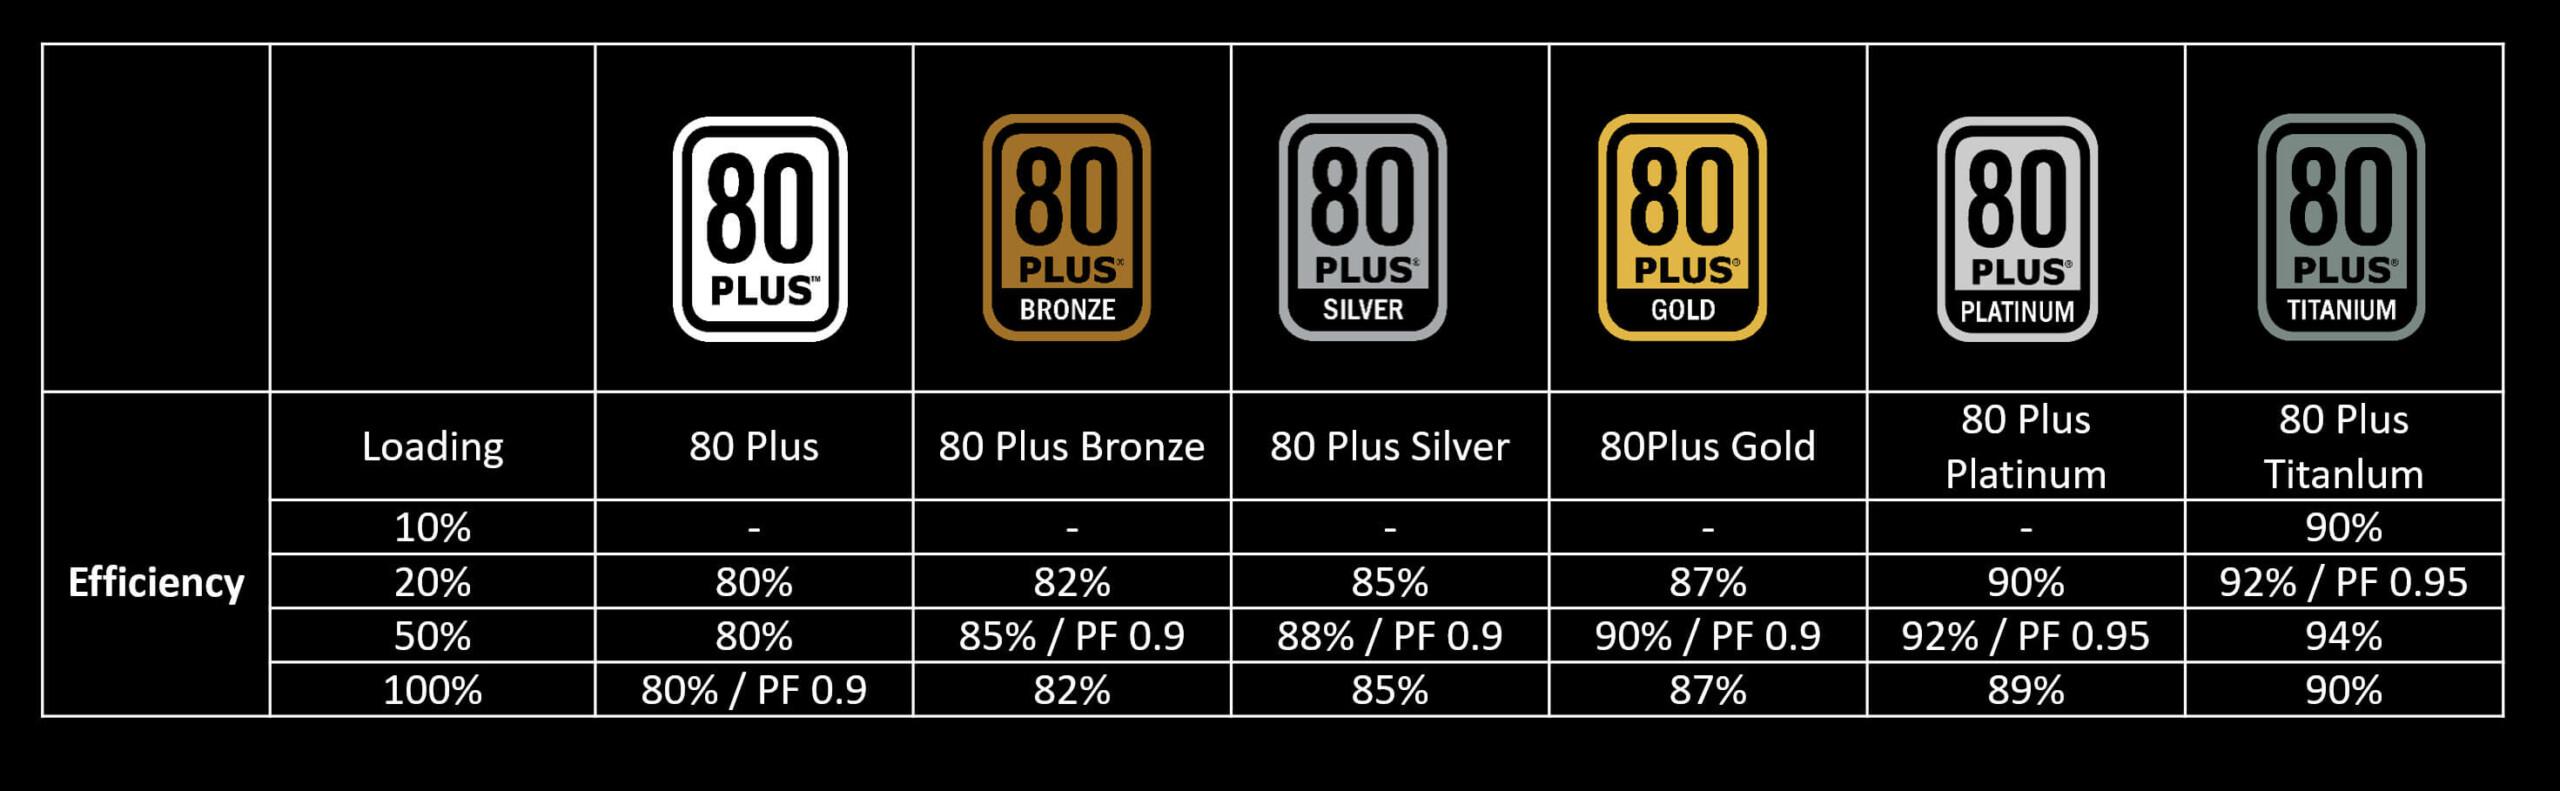 80 Plus Rating PSU efficiency